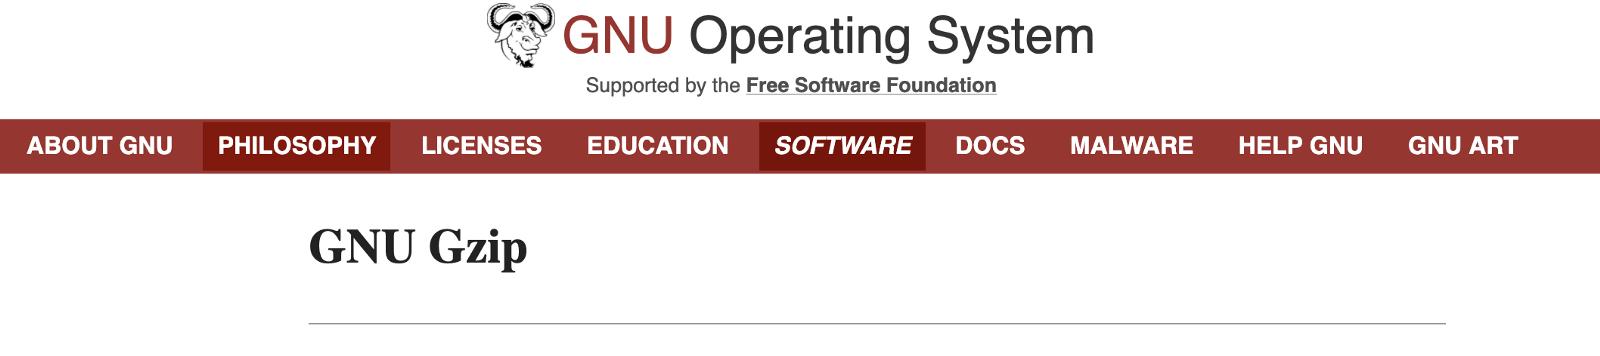 GNU Operating System - GNU Gzip page